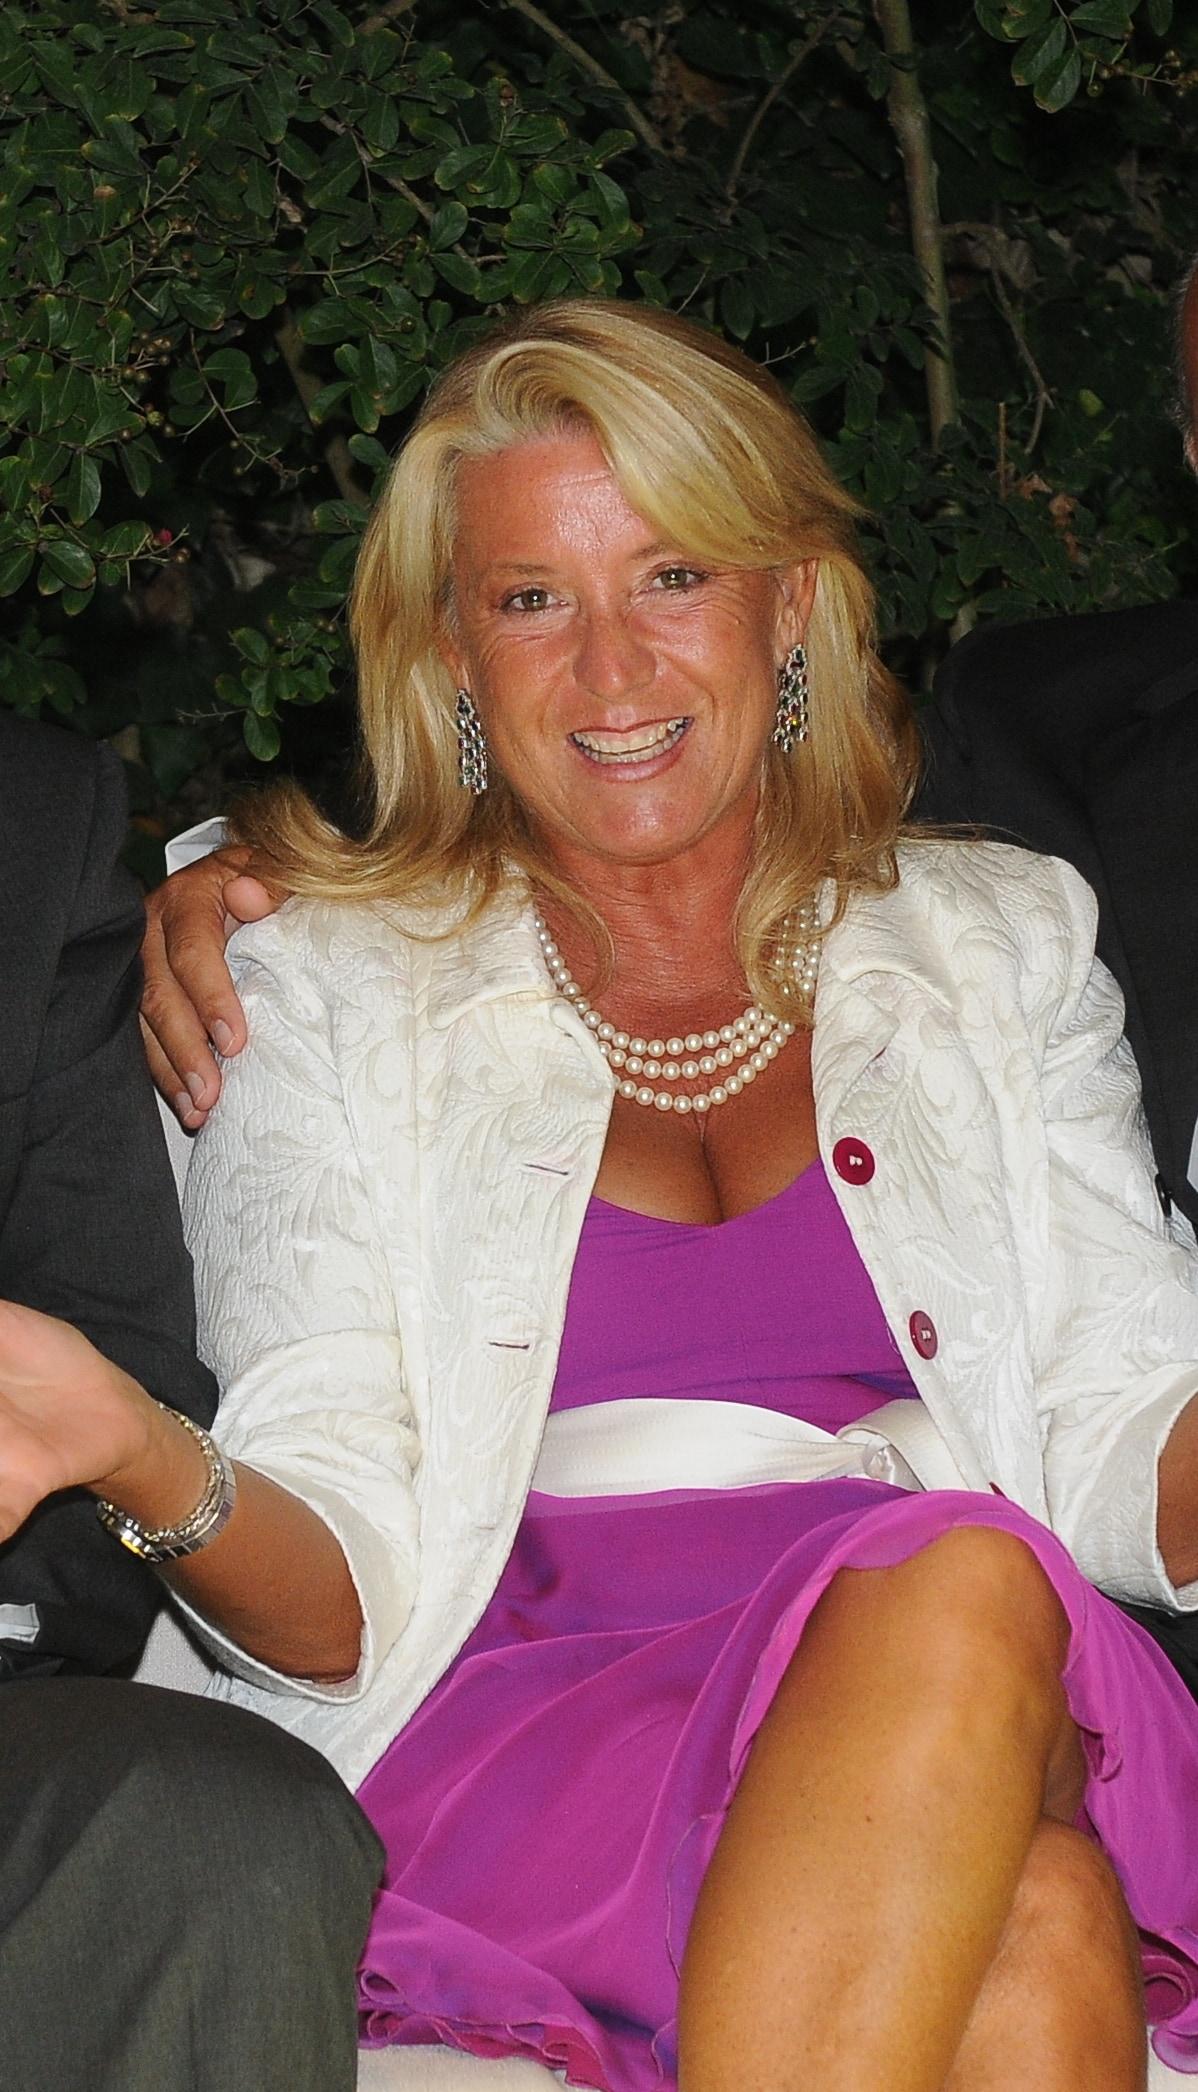 Susanna From Salve, Italy